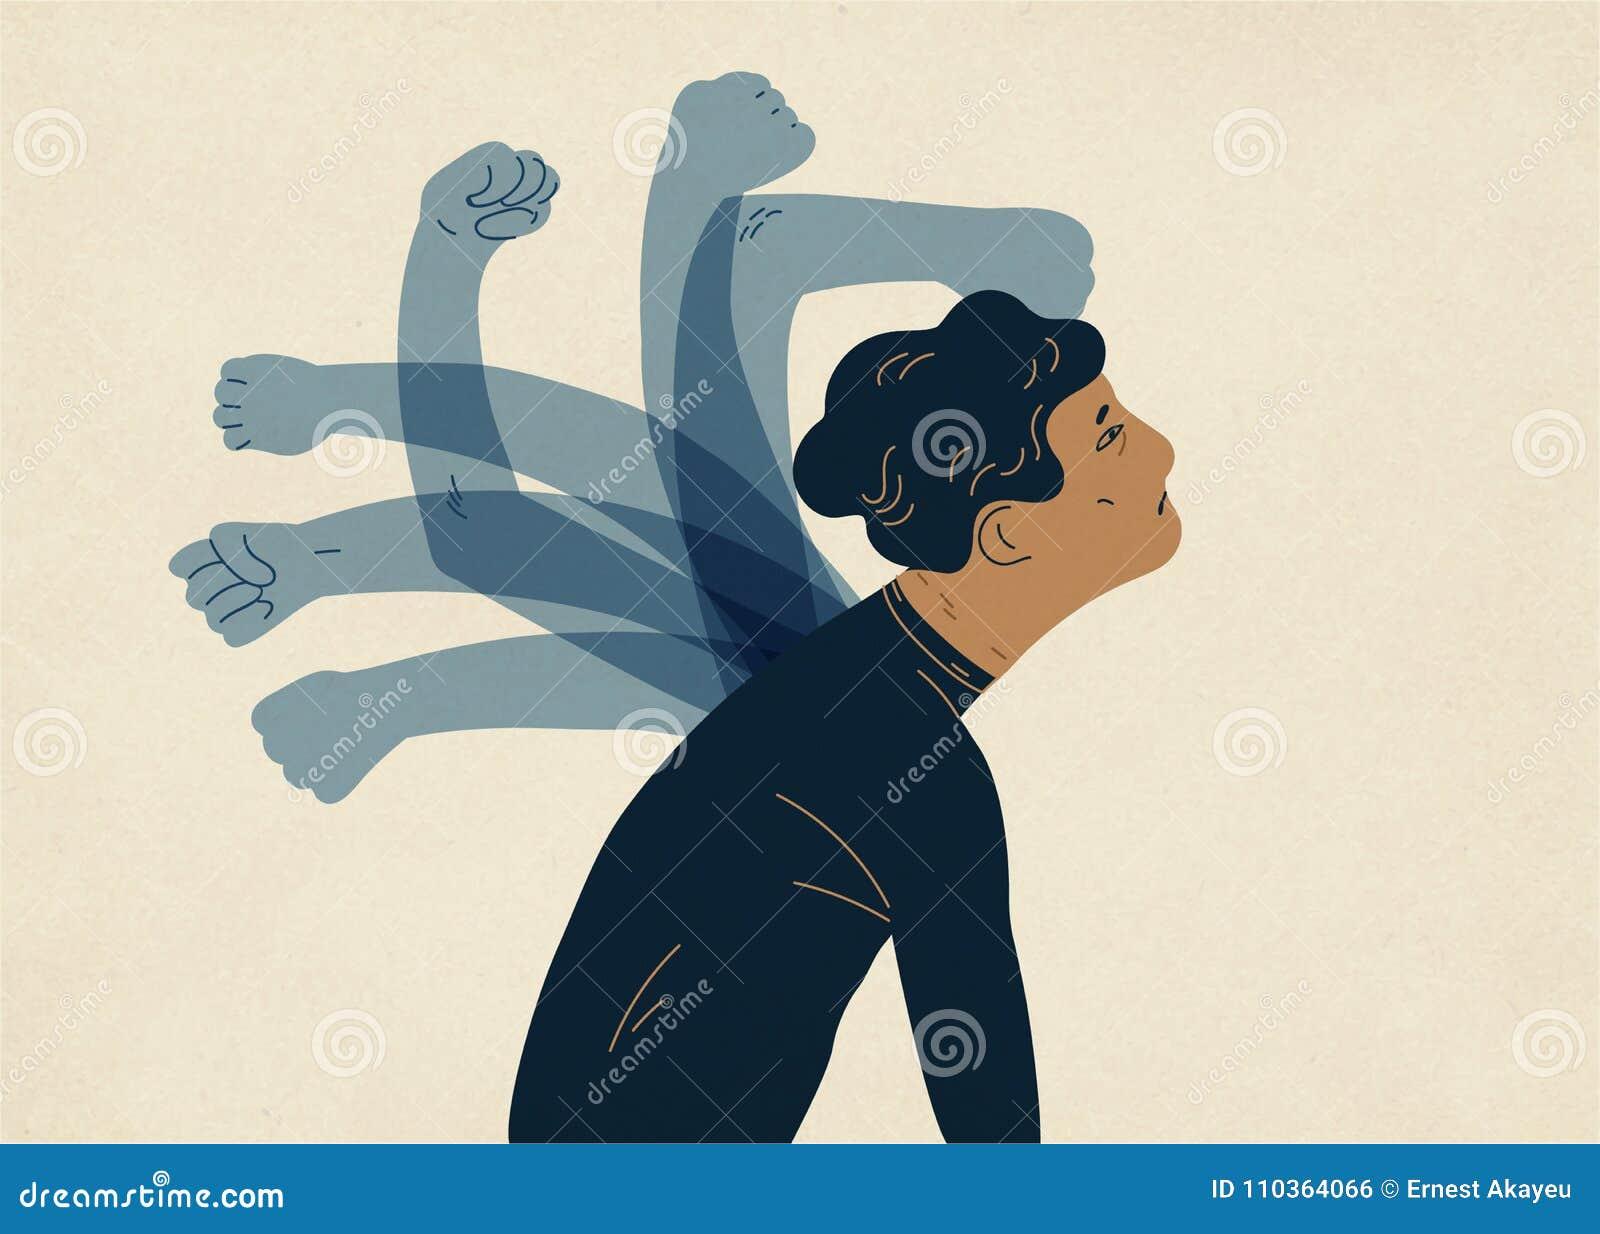 Genomskinliga spöklika händer som slår mannen Begrepp av psykologisk själv-flagellation, själv-bestraffning, själv-förnedring, sj